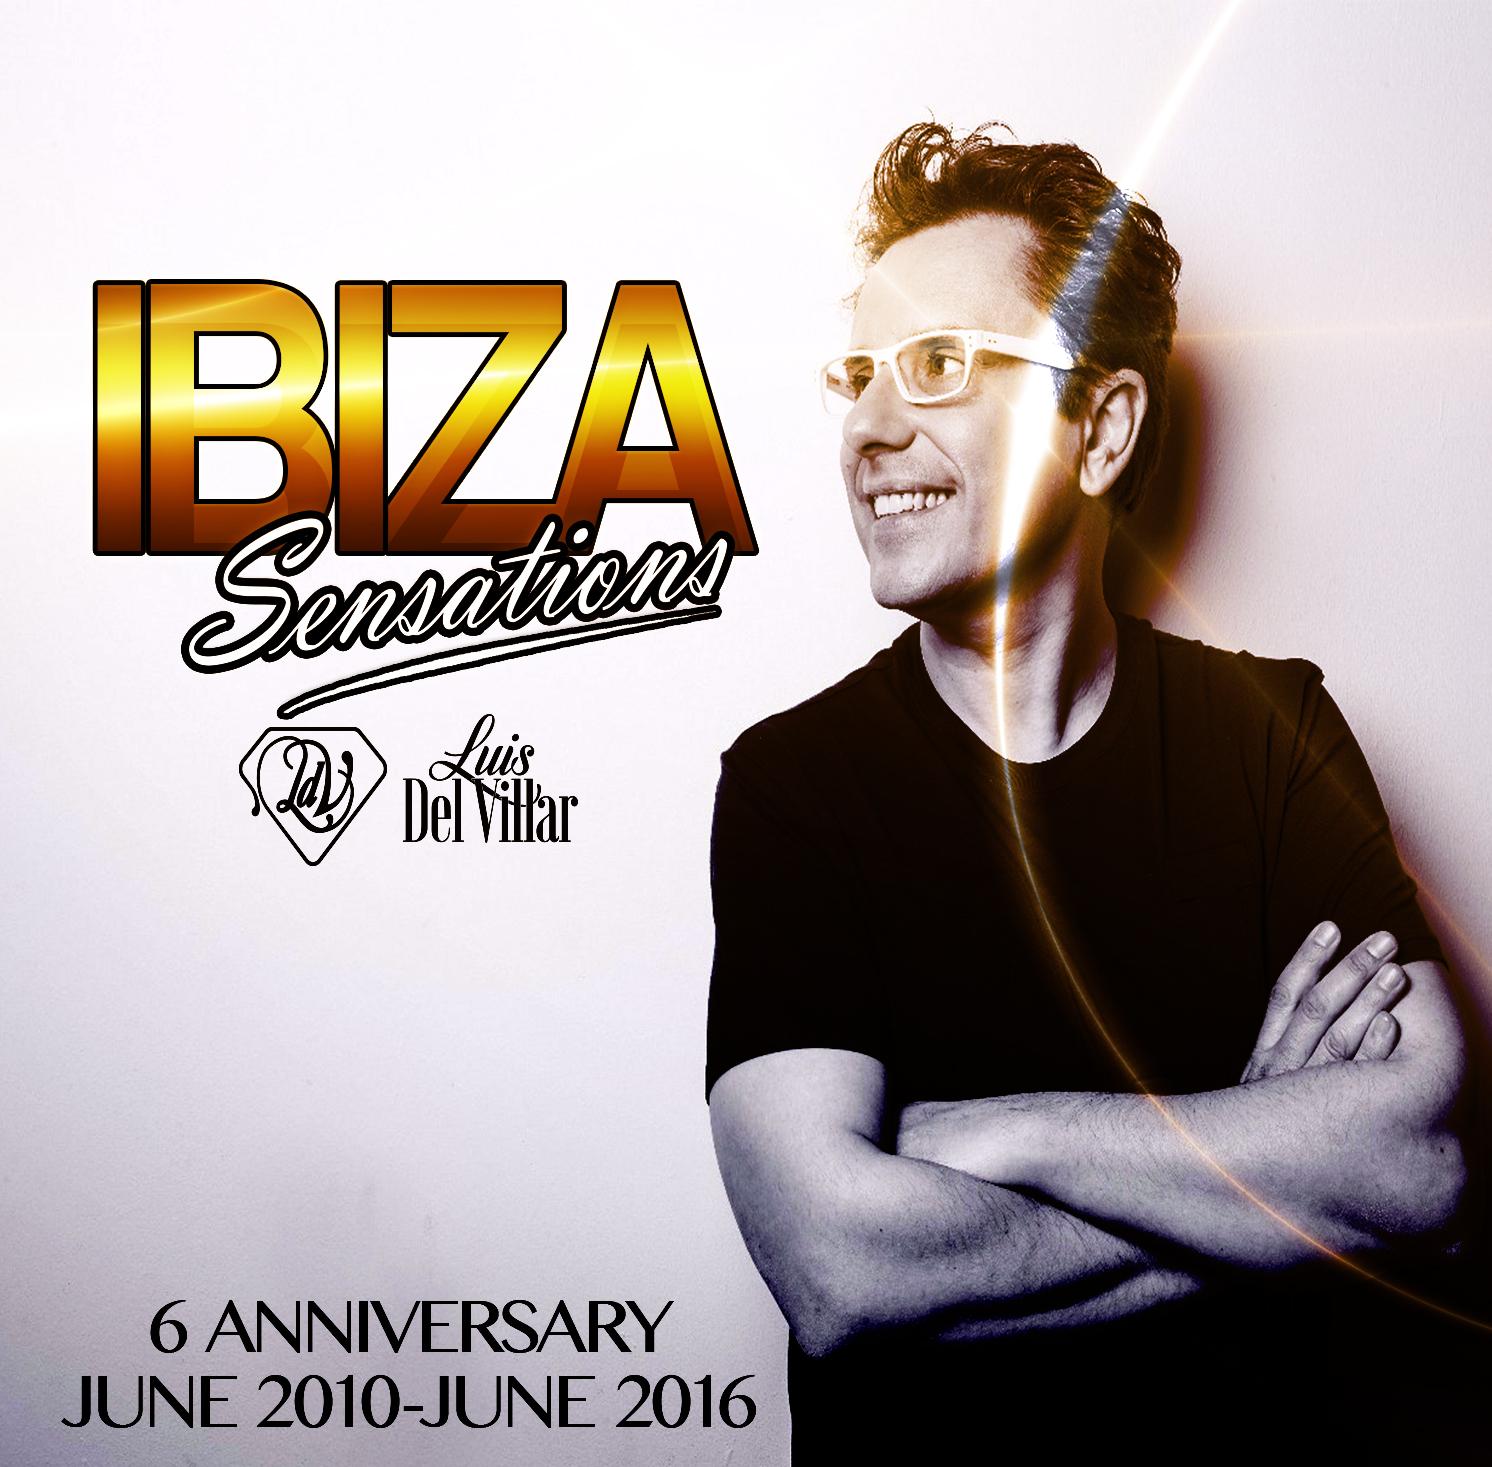 Ibiza Sensations 141 @ Ibiza Gay Pride - Chiringay, Es Cavallet - Ibiza